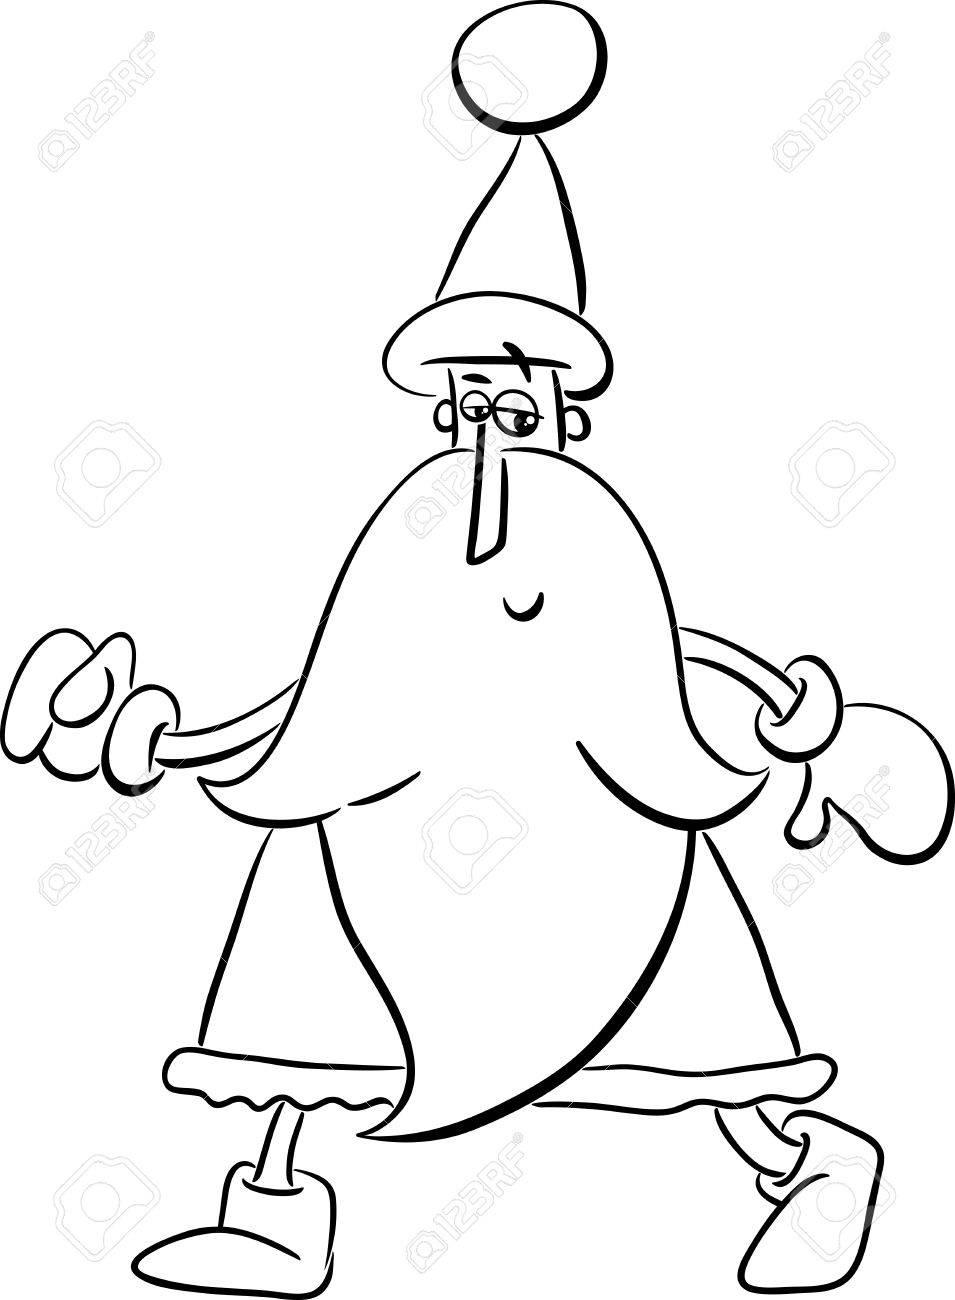 Ilustracion De Dibujos Animados Blanco Y Negro De Santa Claus En